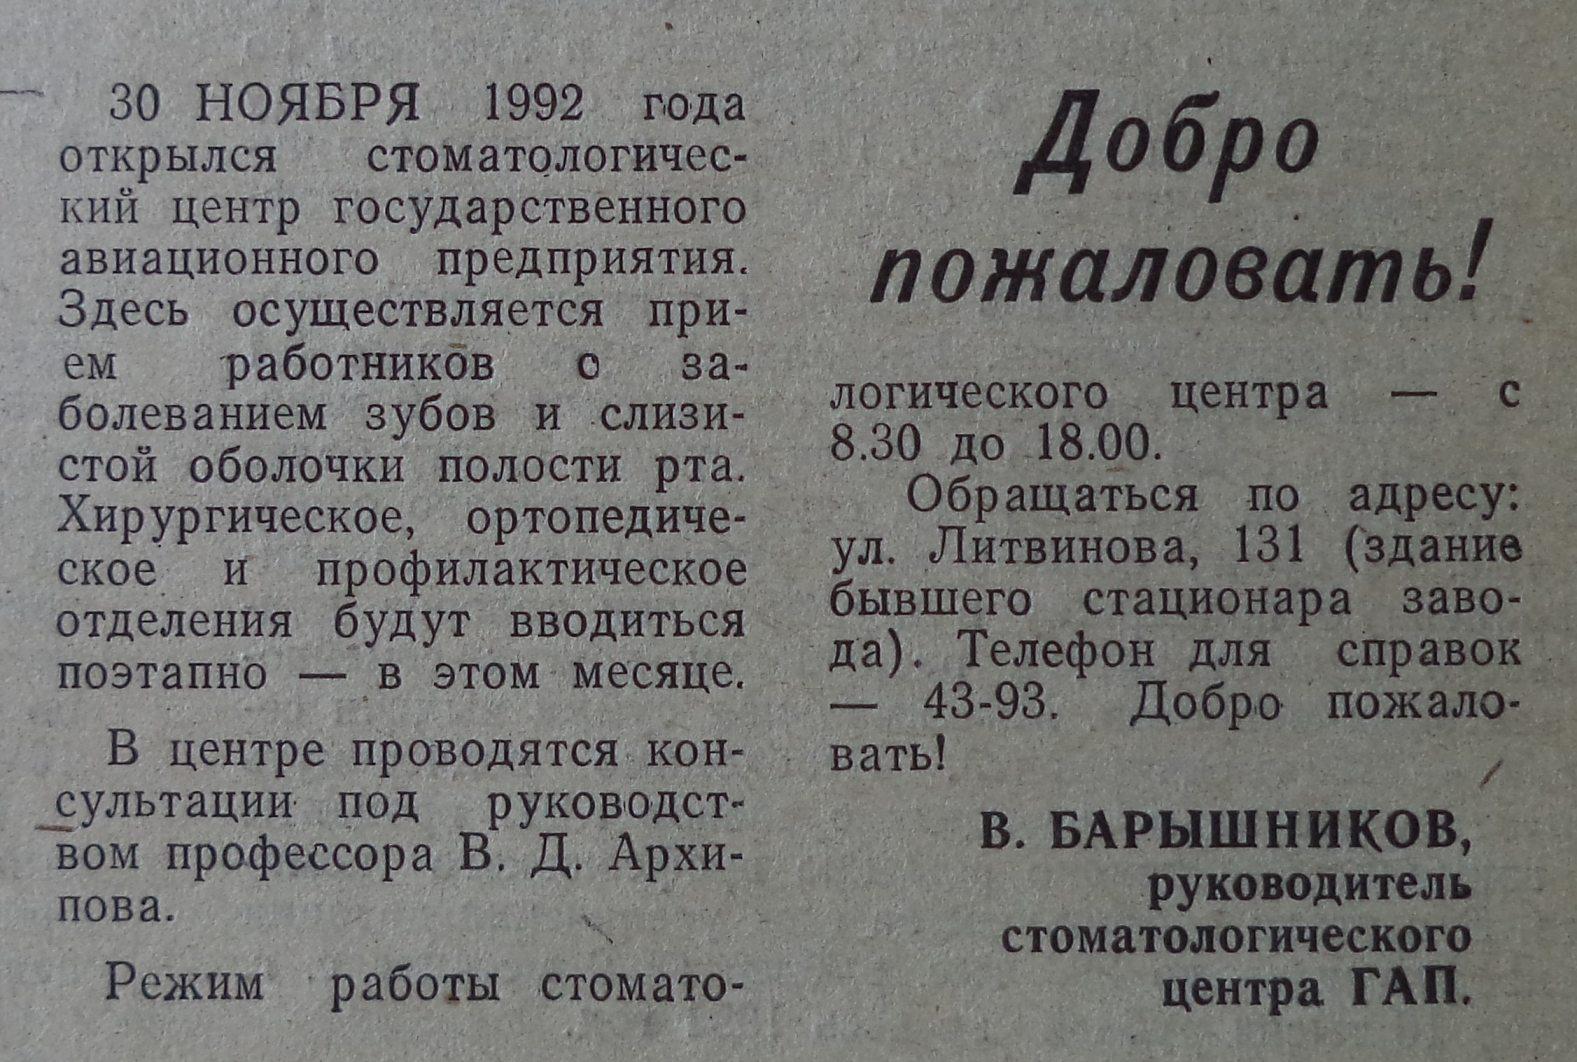 Стар-Стац-ФОТО-22-За ударные темпы-1992-2 декабря-2